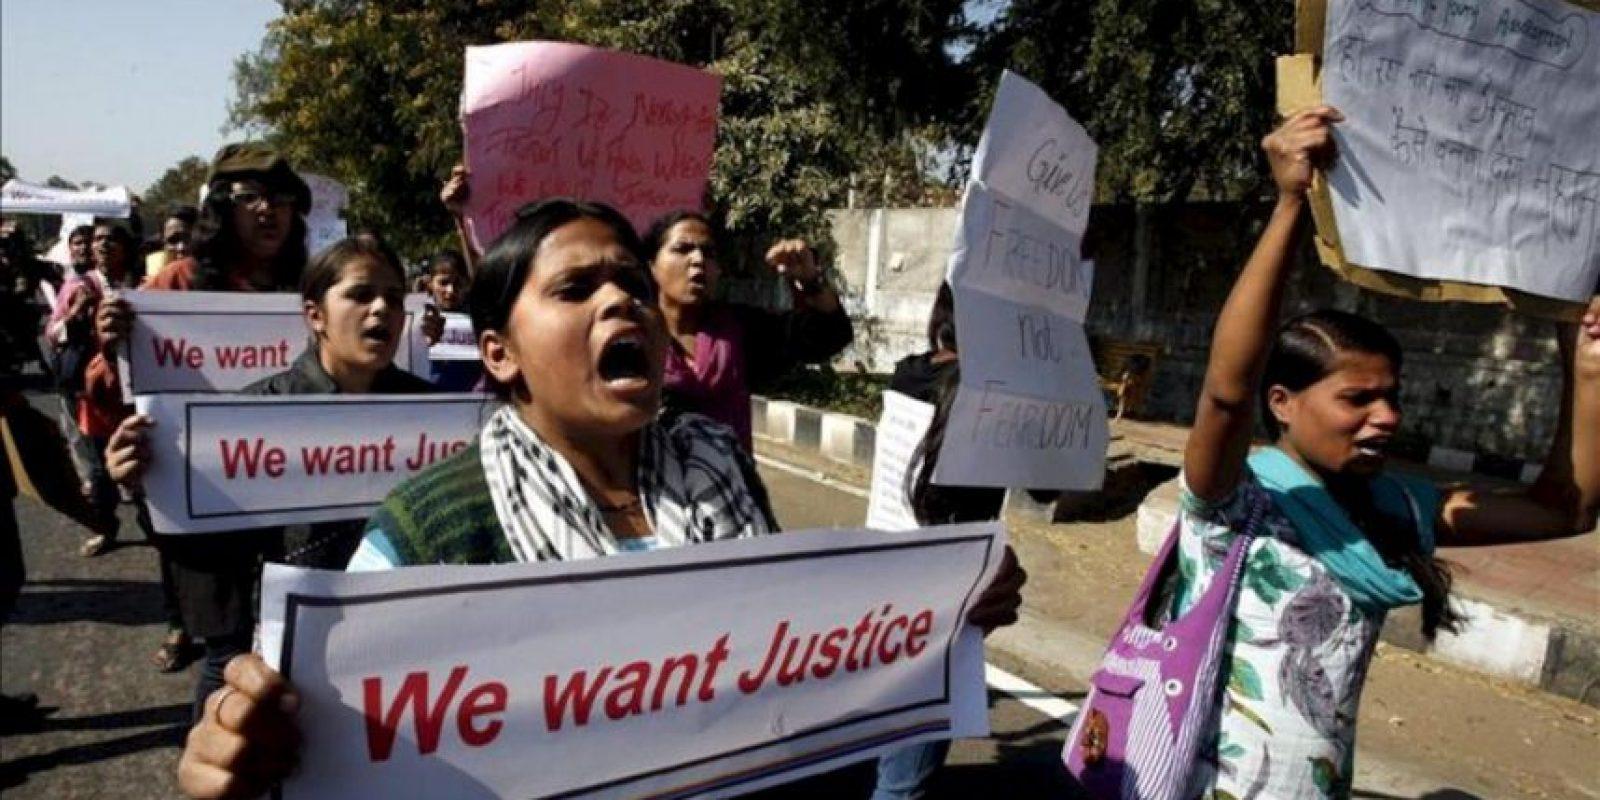 Unas estudiantes indias se manifiestan en Bhopal para pedir mayor seguridad para las mujeres, tras la violación de una joven por seis hombres en un autobús. EFE